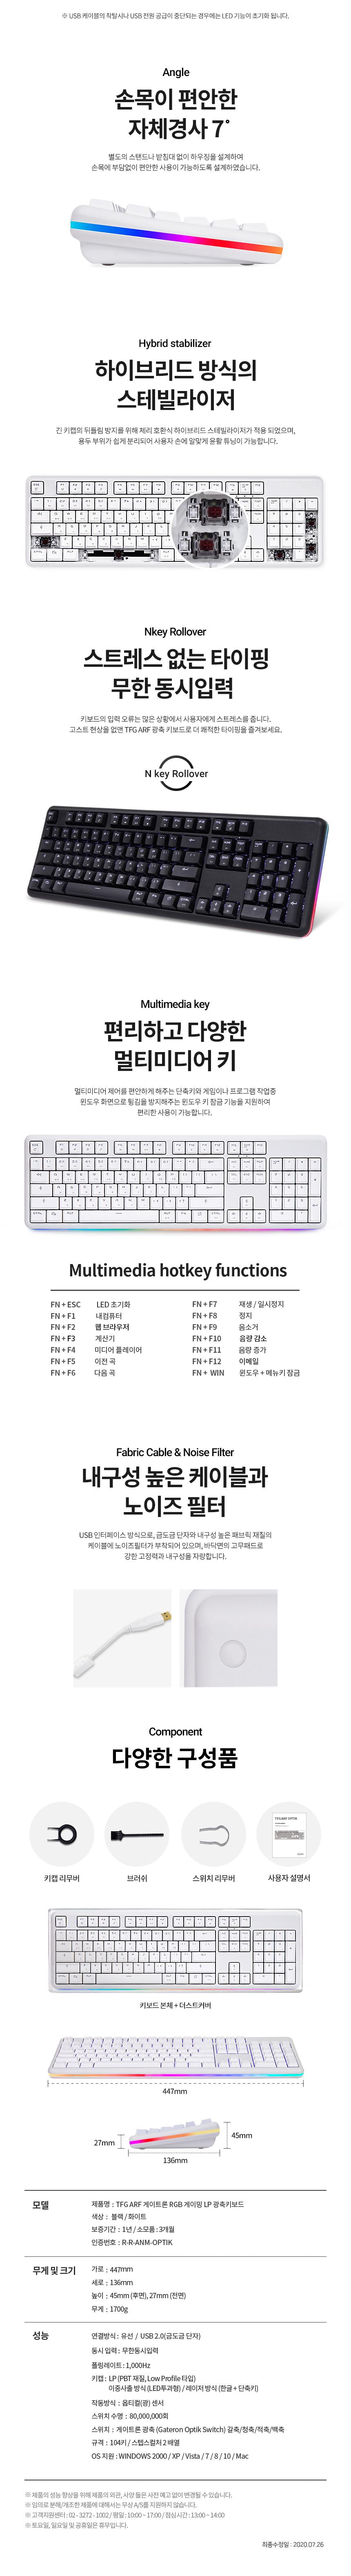 한성컴퓨터 TFG ARF 게이트론 RGB 게이밍 LP 광축키보드 (화이트, 갈축)